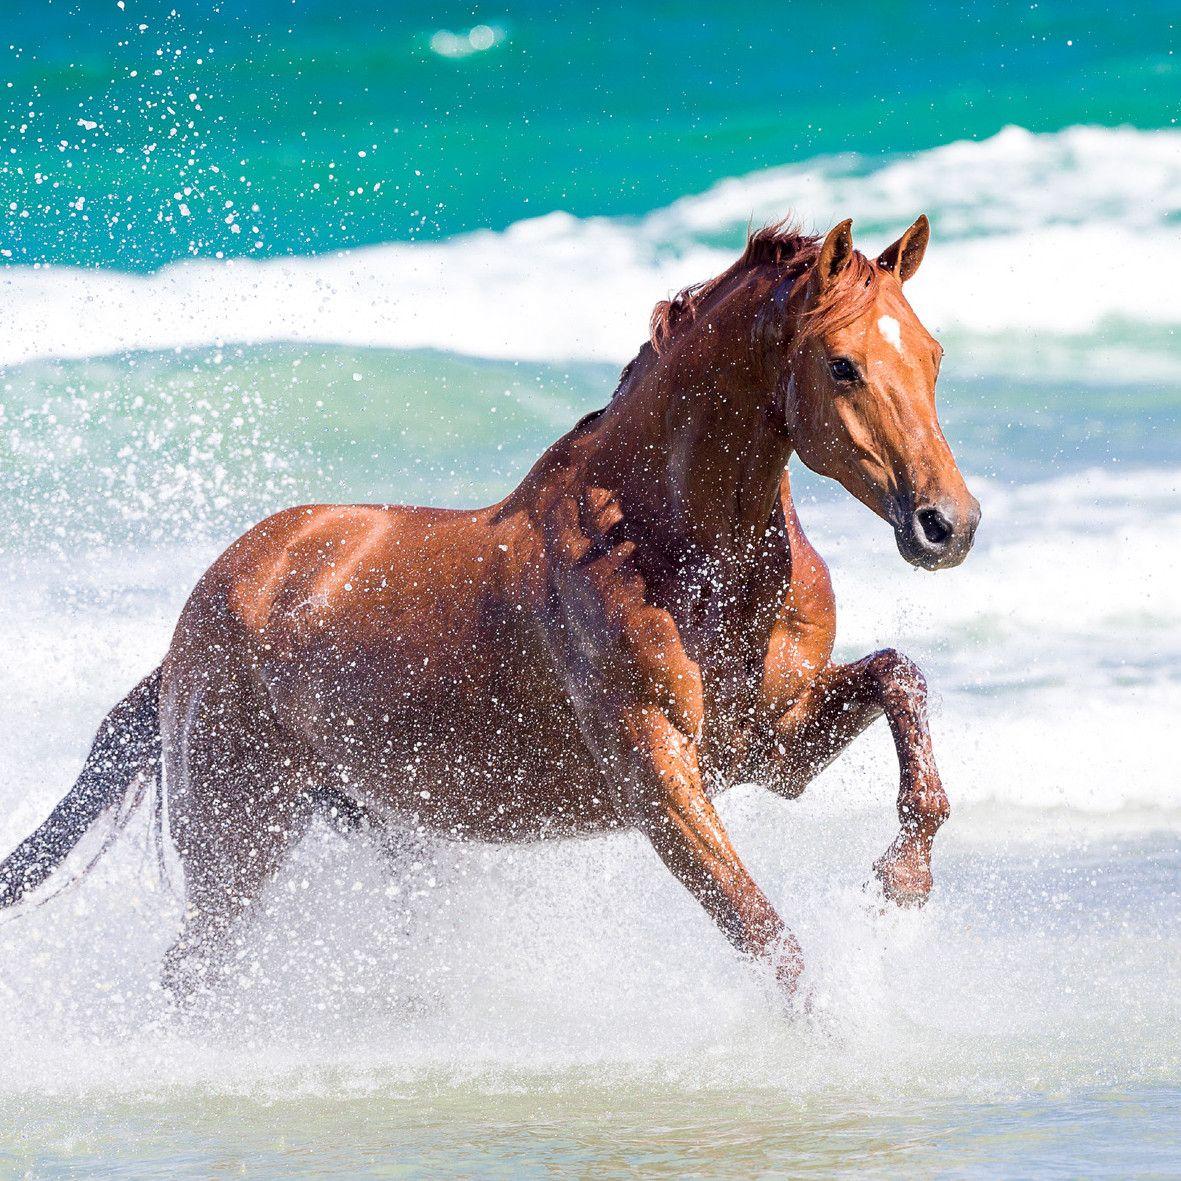 Schöne Pferde Bilder Kostenlos Herunterladen - Schöne Pferde Bilder Kostenlos Herunterladen